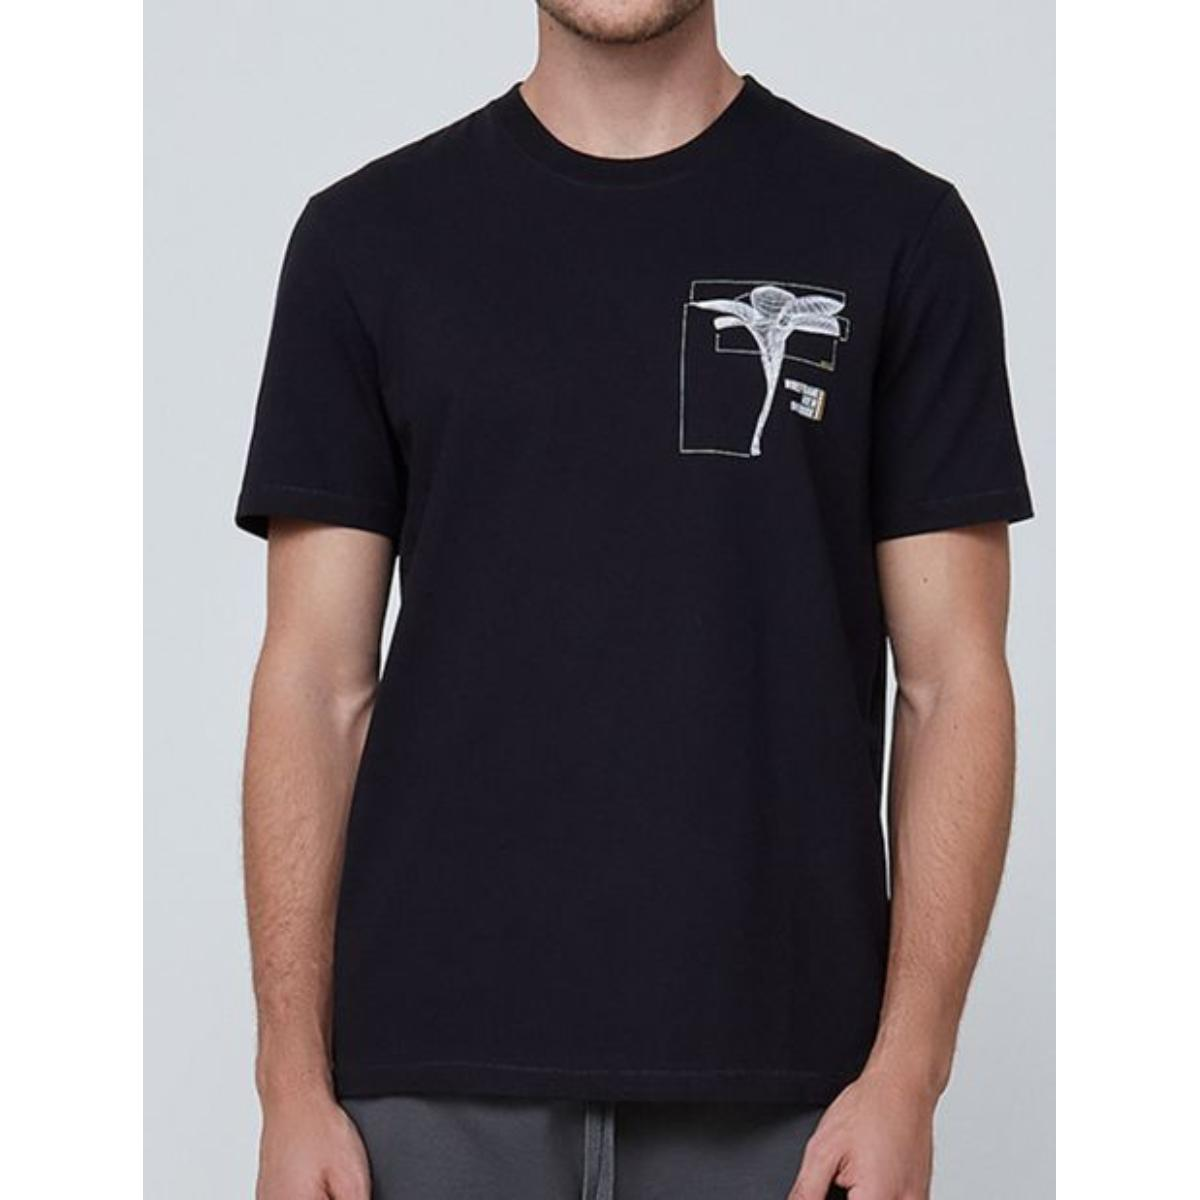 Camiseta Masculina Dzarm 6rn5 1een Preto